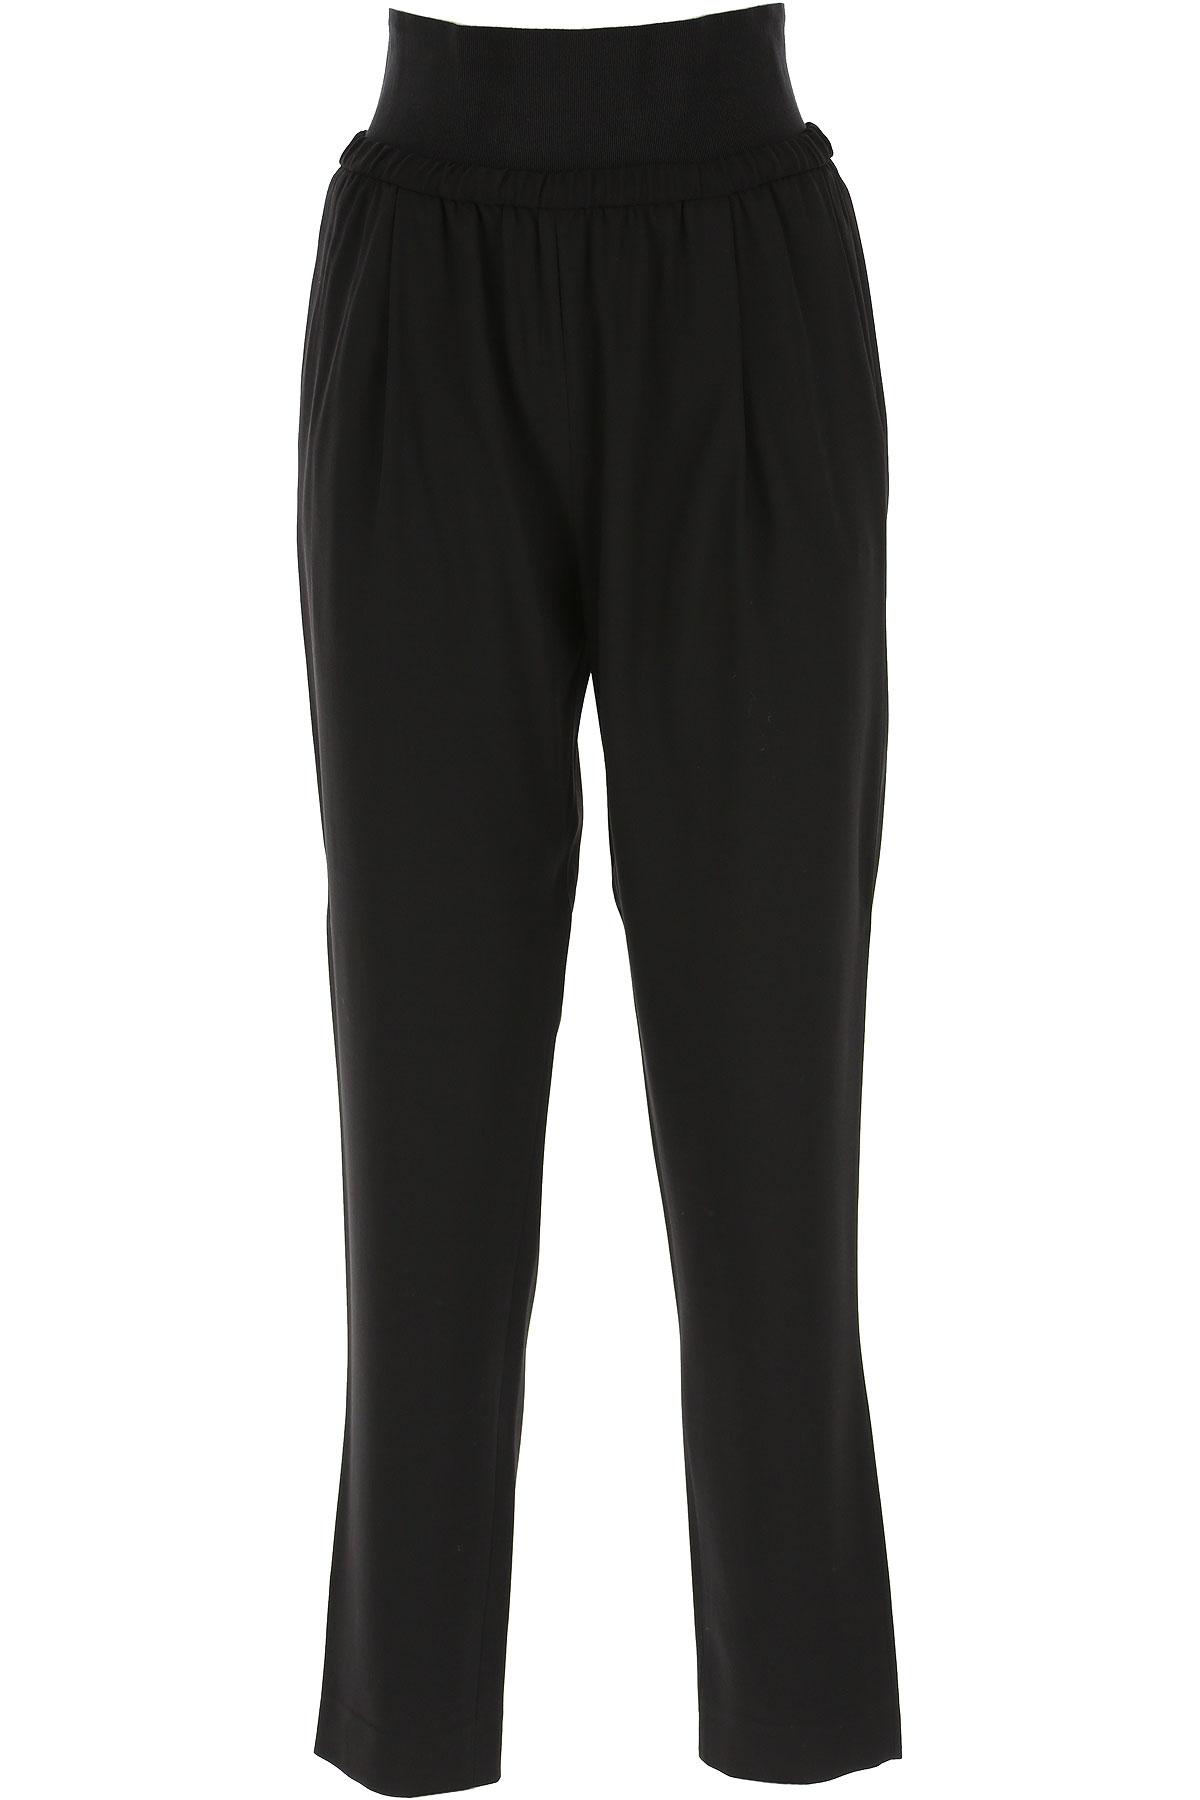 Fabiana Filippi Pants for Women On Sale, Black, Virgin wool, 2019, 26 28 30